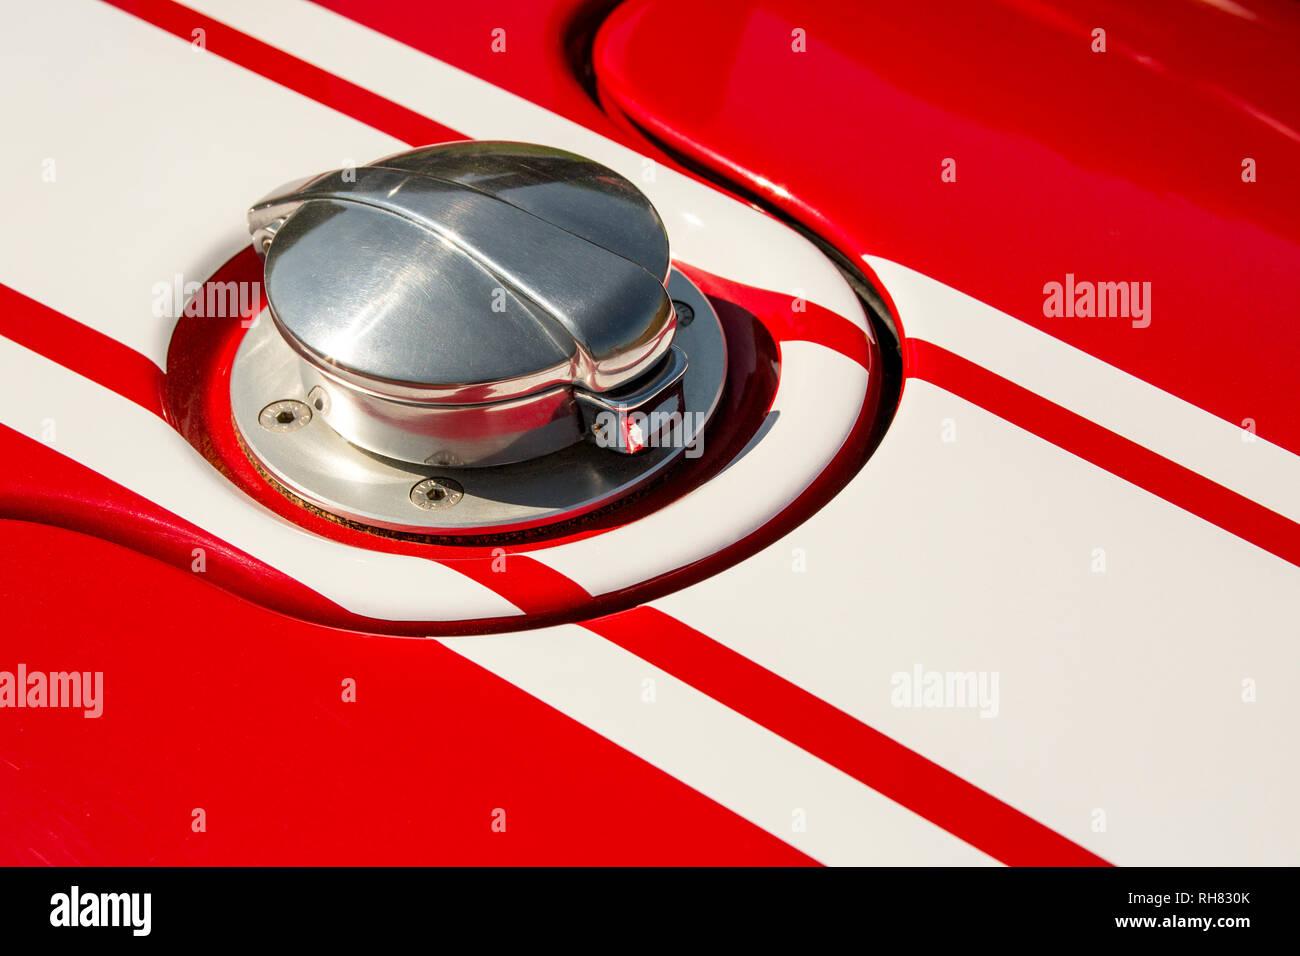 Un Morgan 3-roues le bouchon de carburant représentant racing stripes et représentant l'esprit du sport automobile. Photo Stock